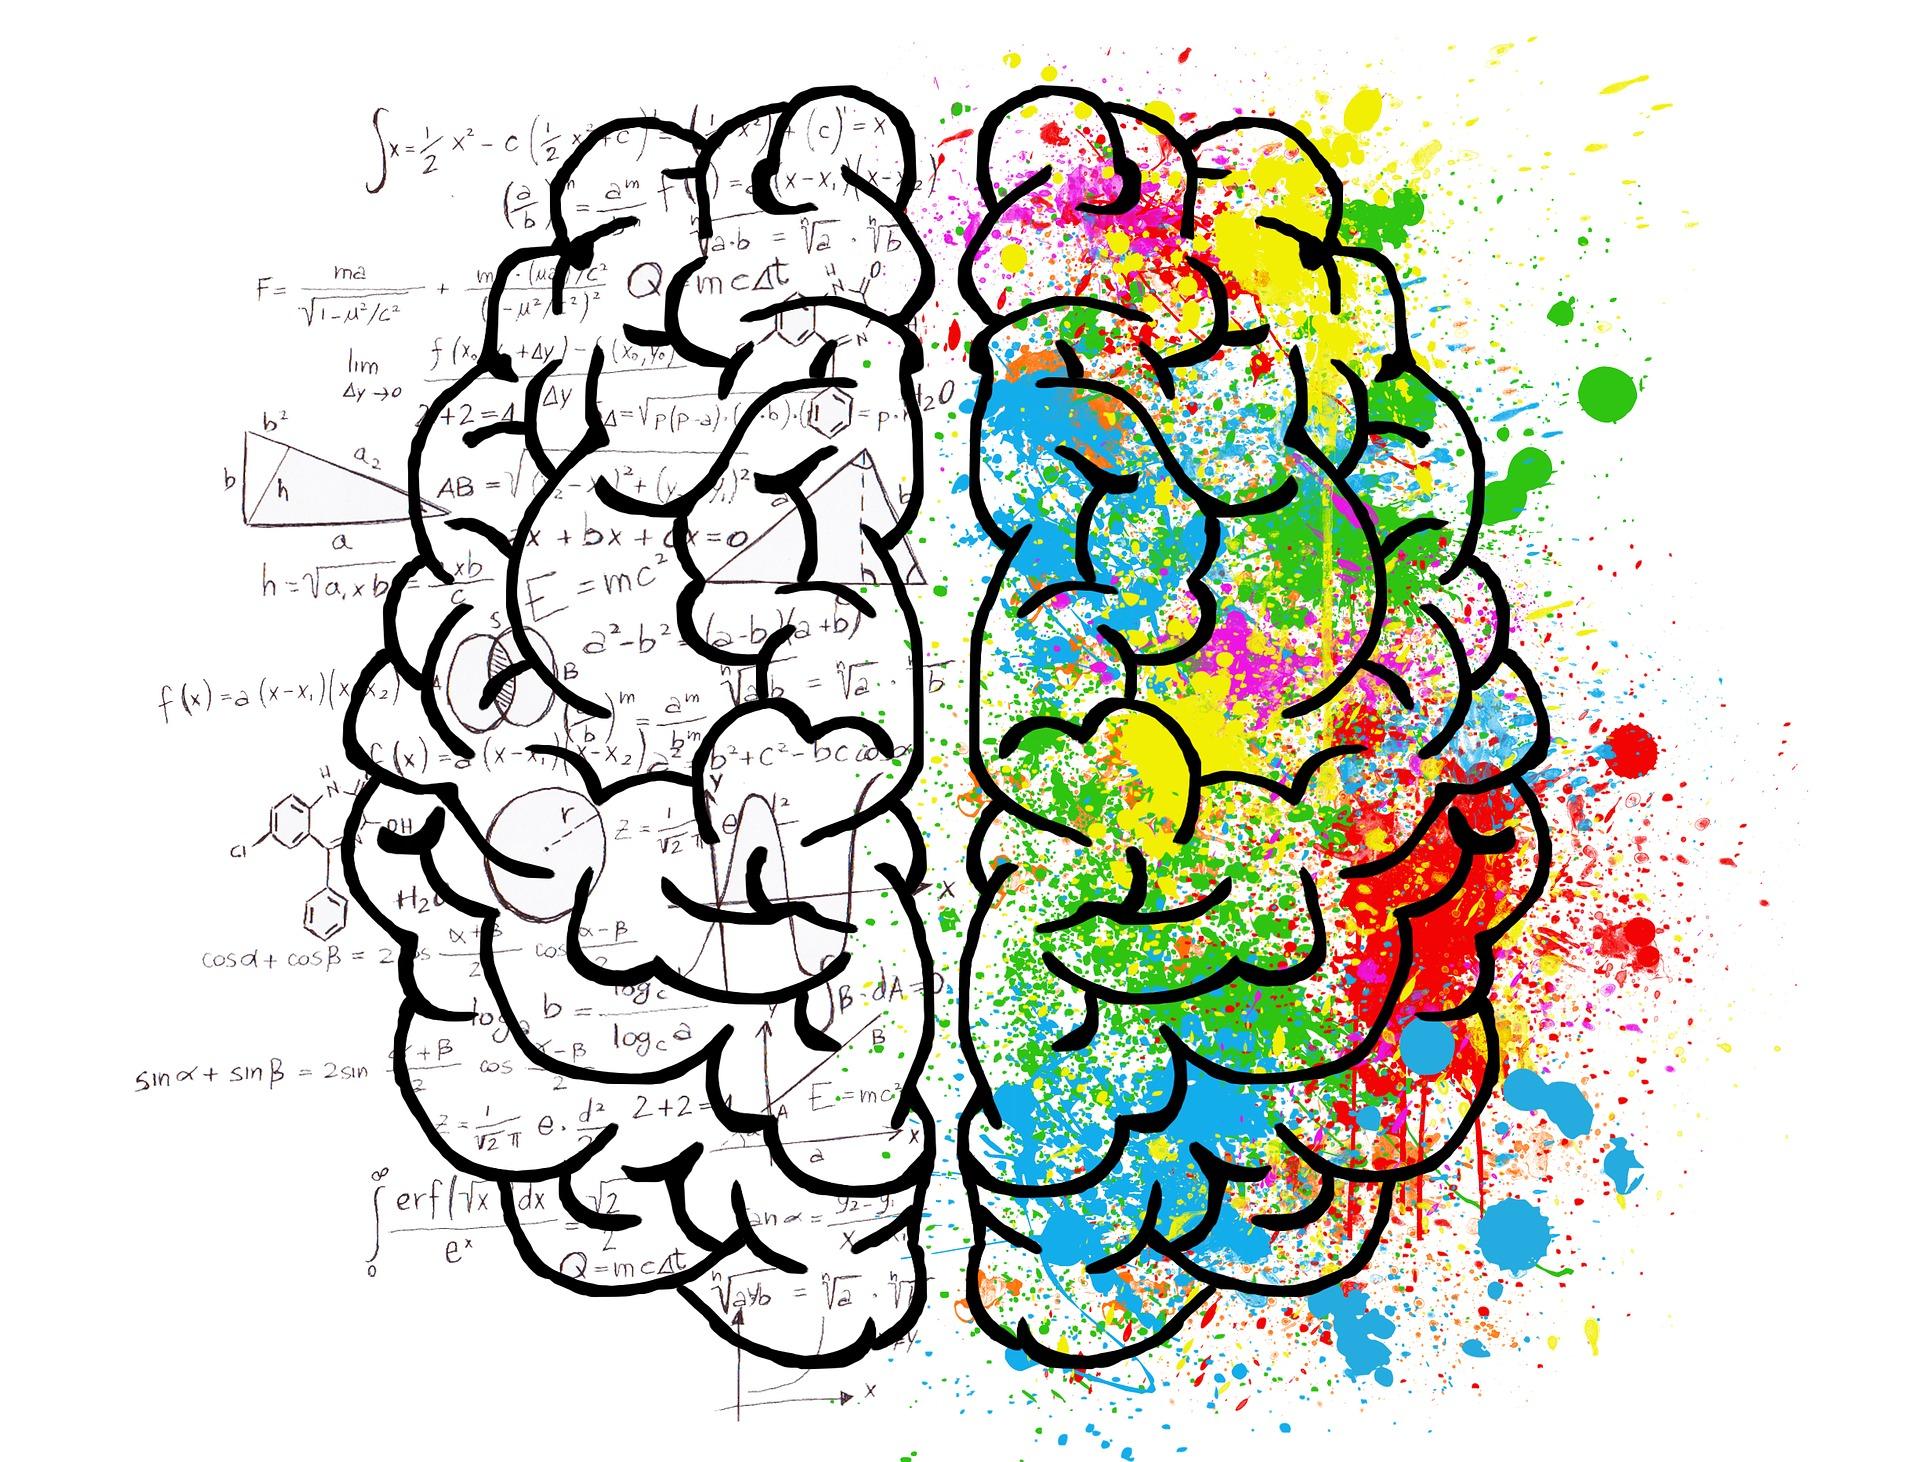 pensamiento lateral pensamiento creativo mates siente años